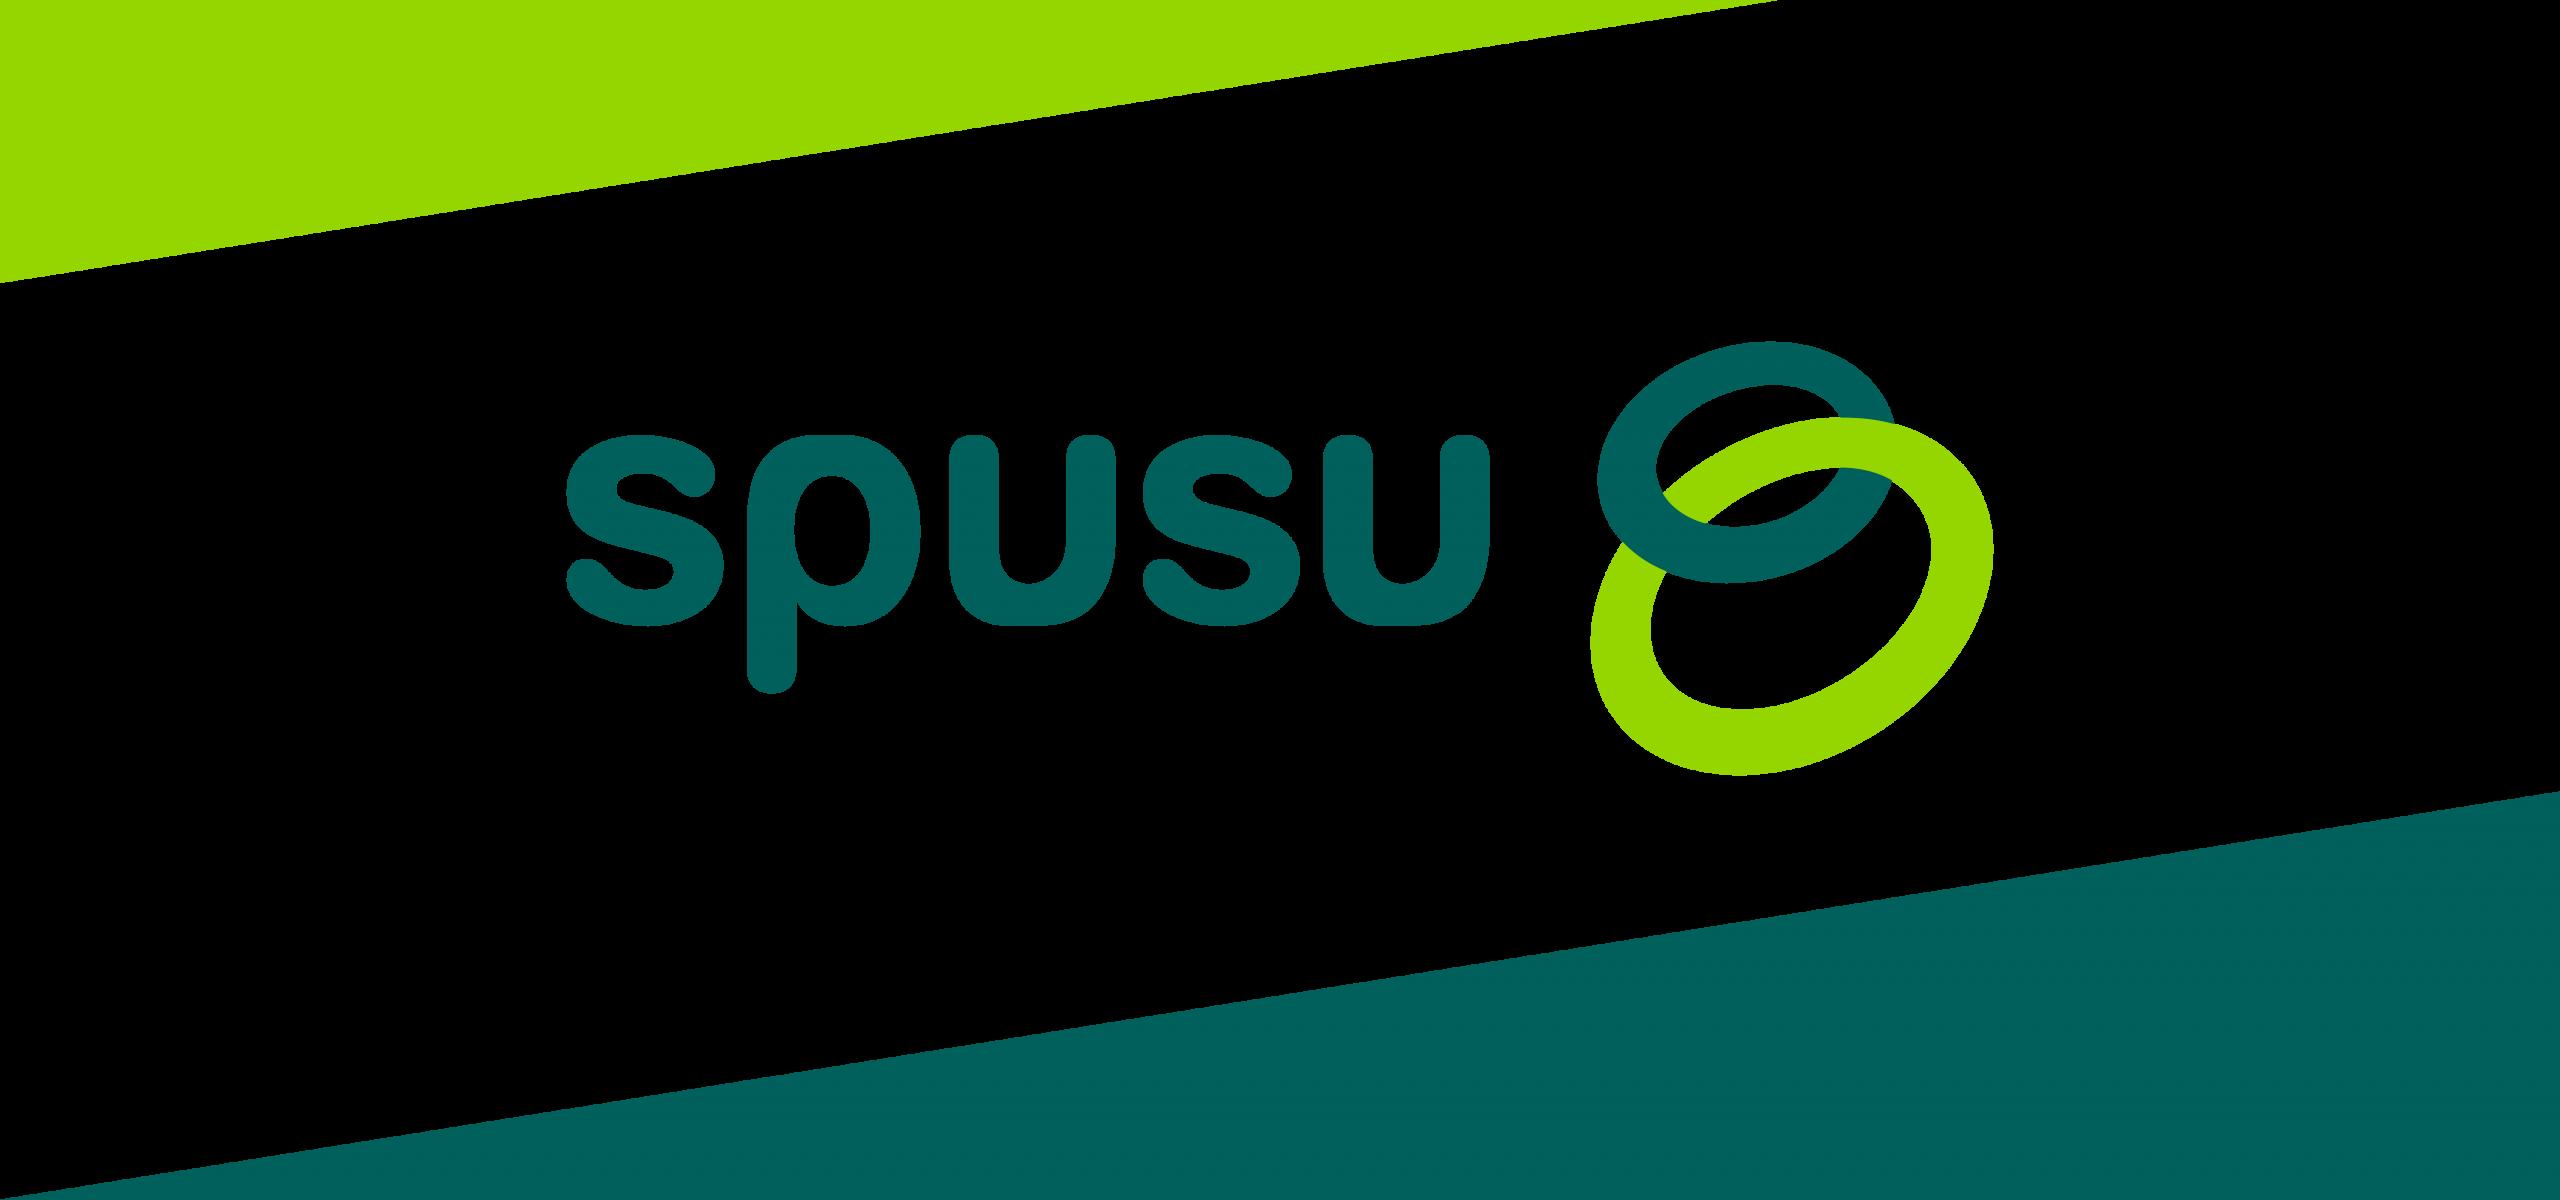 Spusu lancia nuove offerte a partire da 3,99 euro e una tariffa a consumo